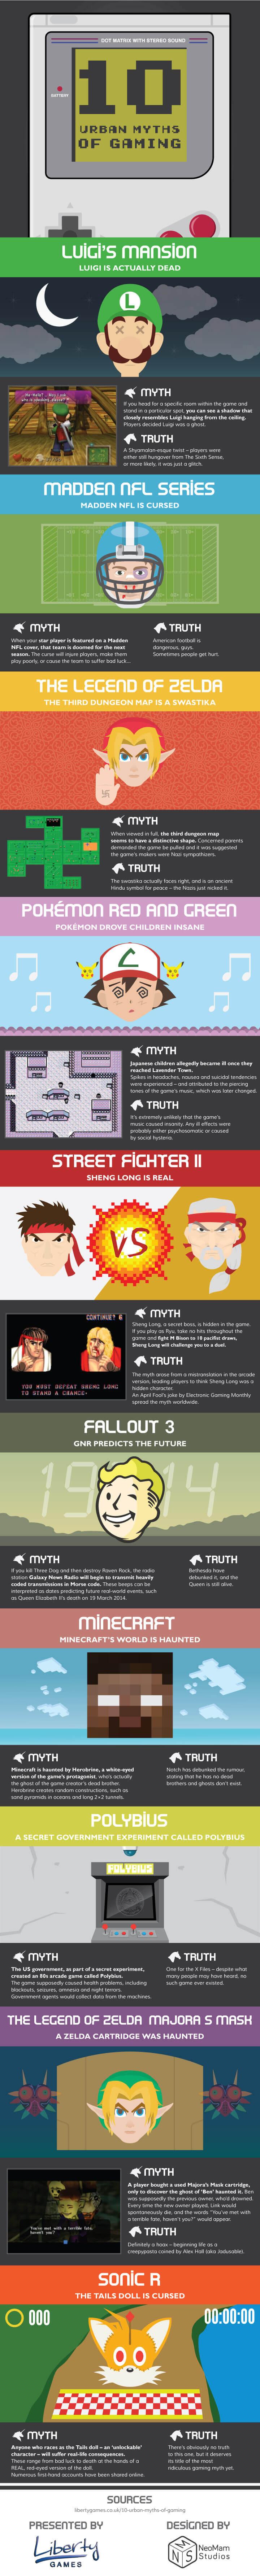 10 Urban Myths of Gaming